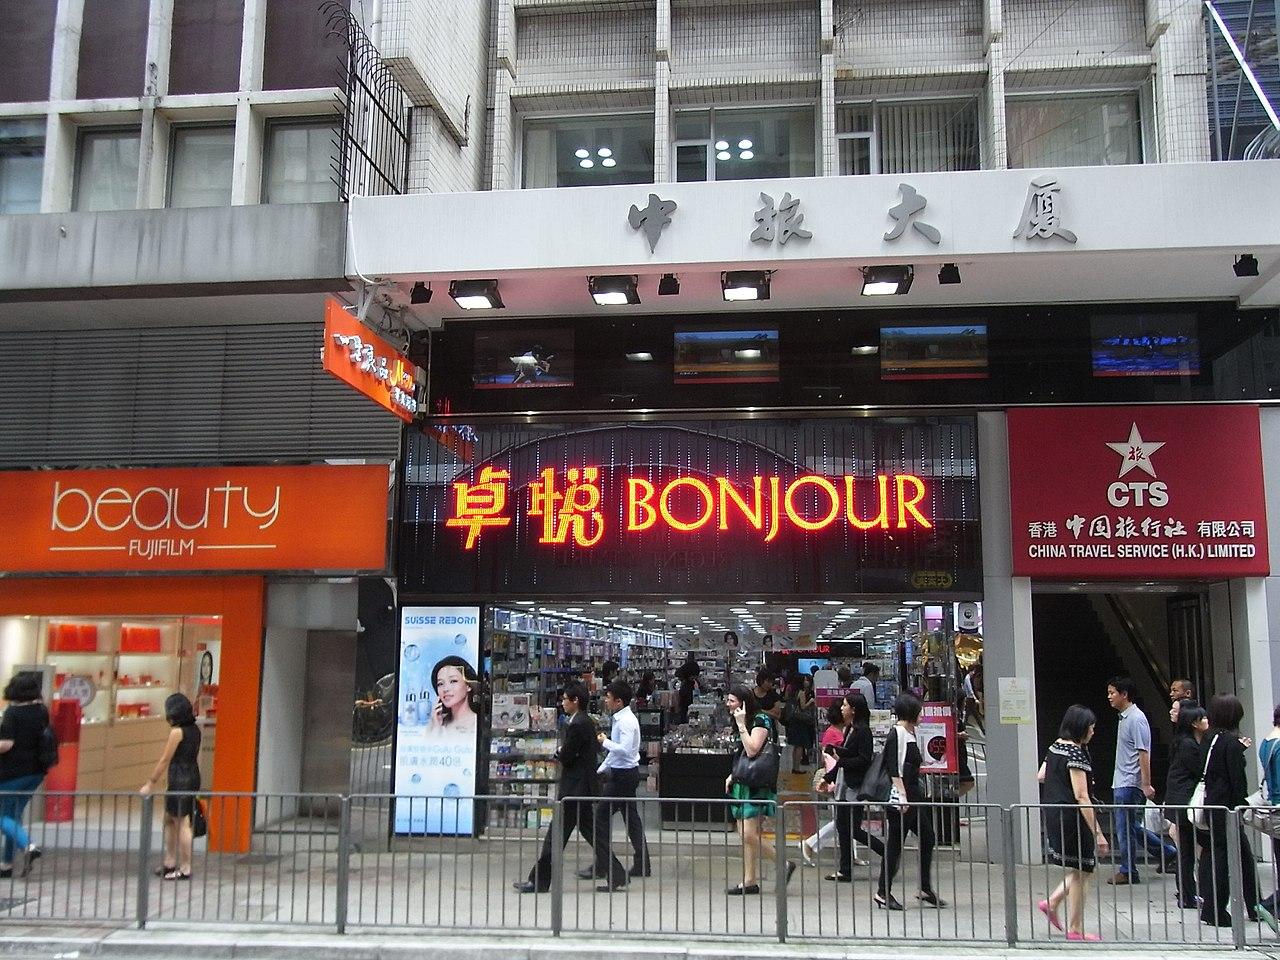 China Travel Service Hong Kong Wiki